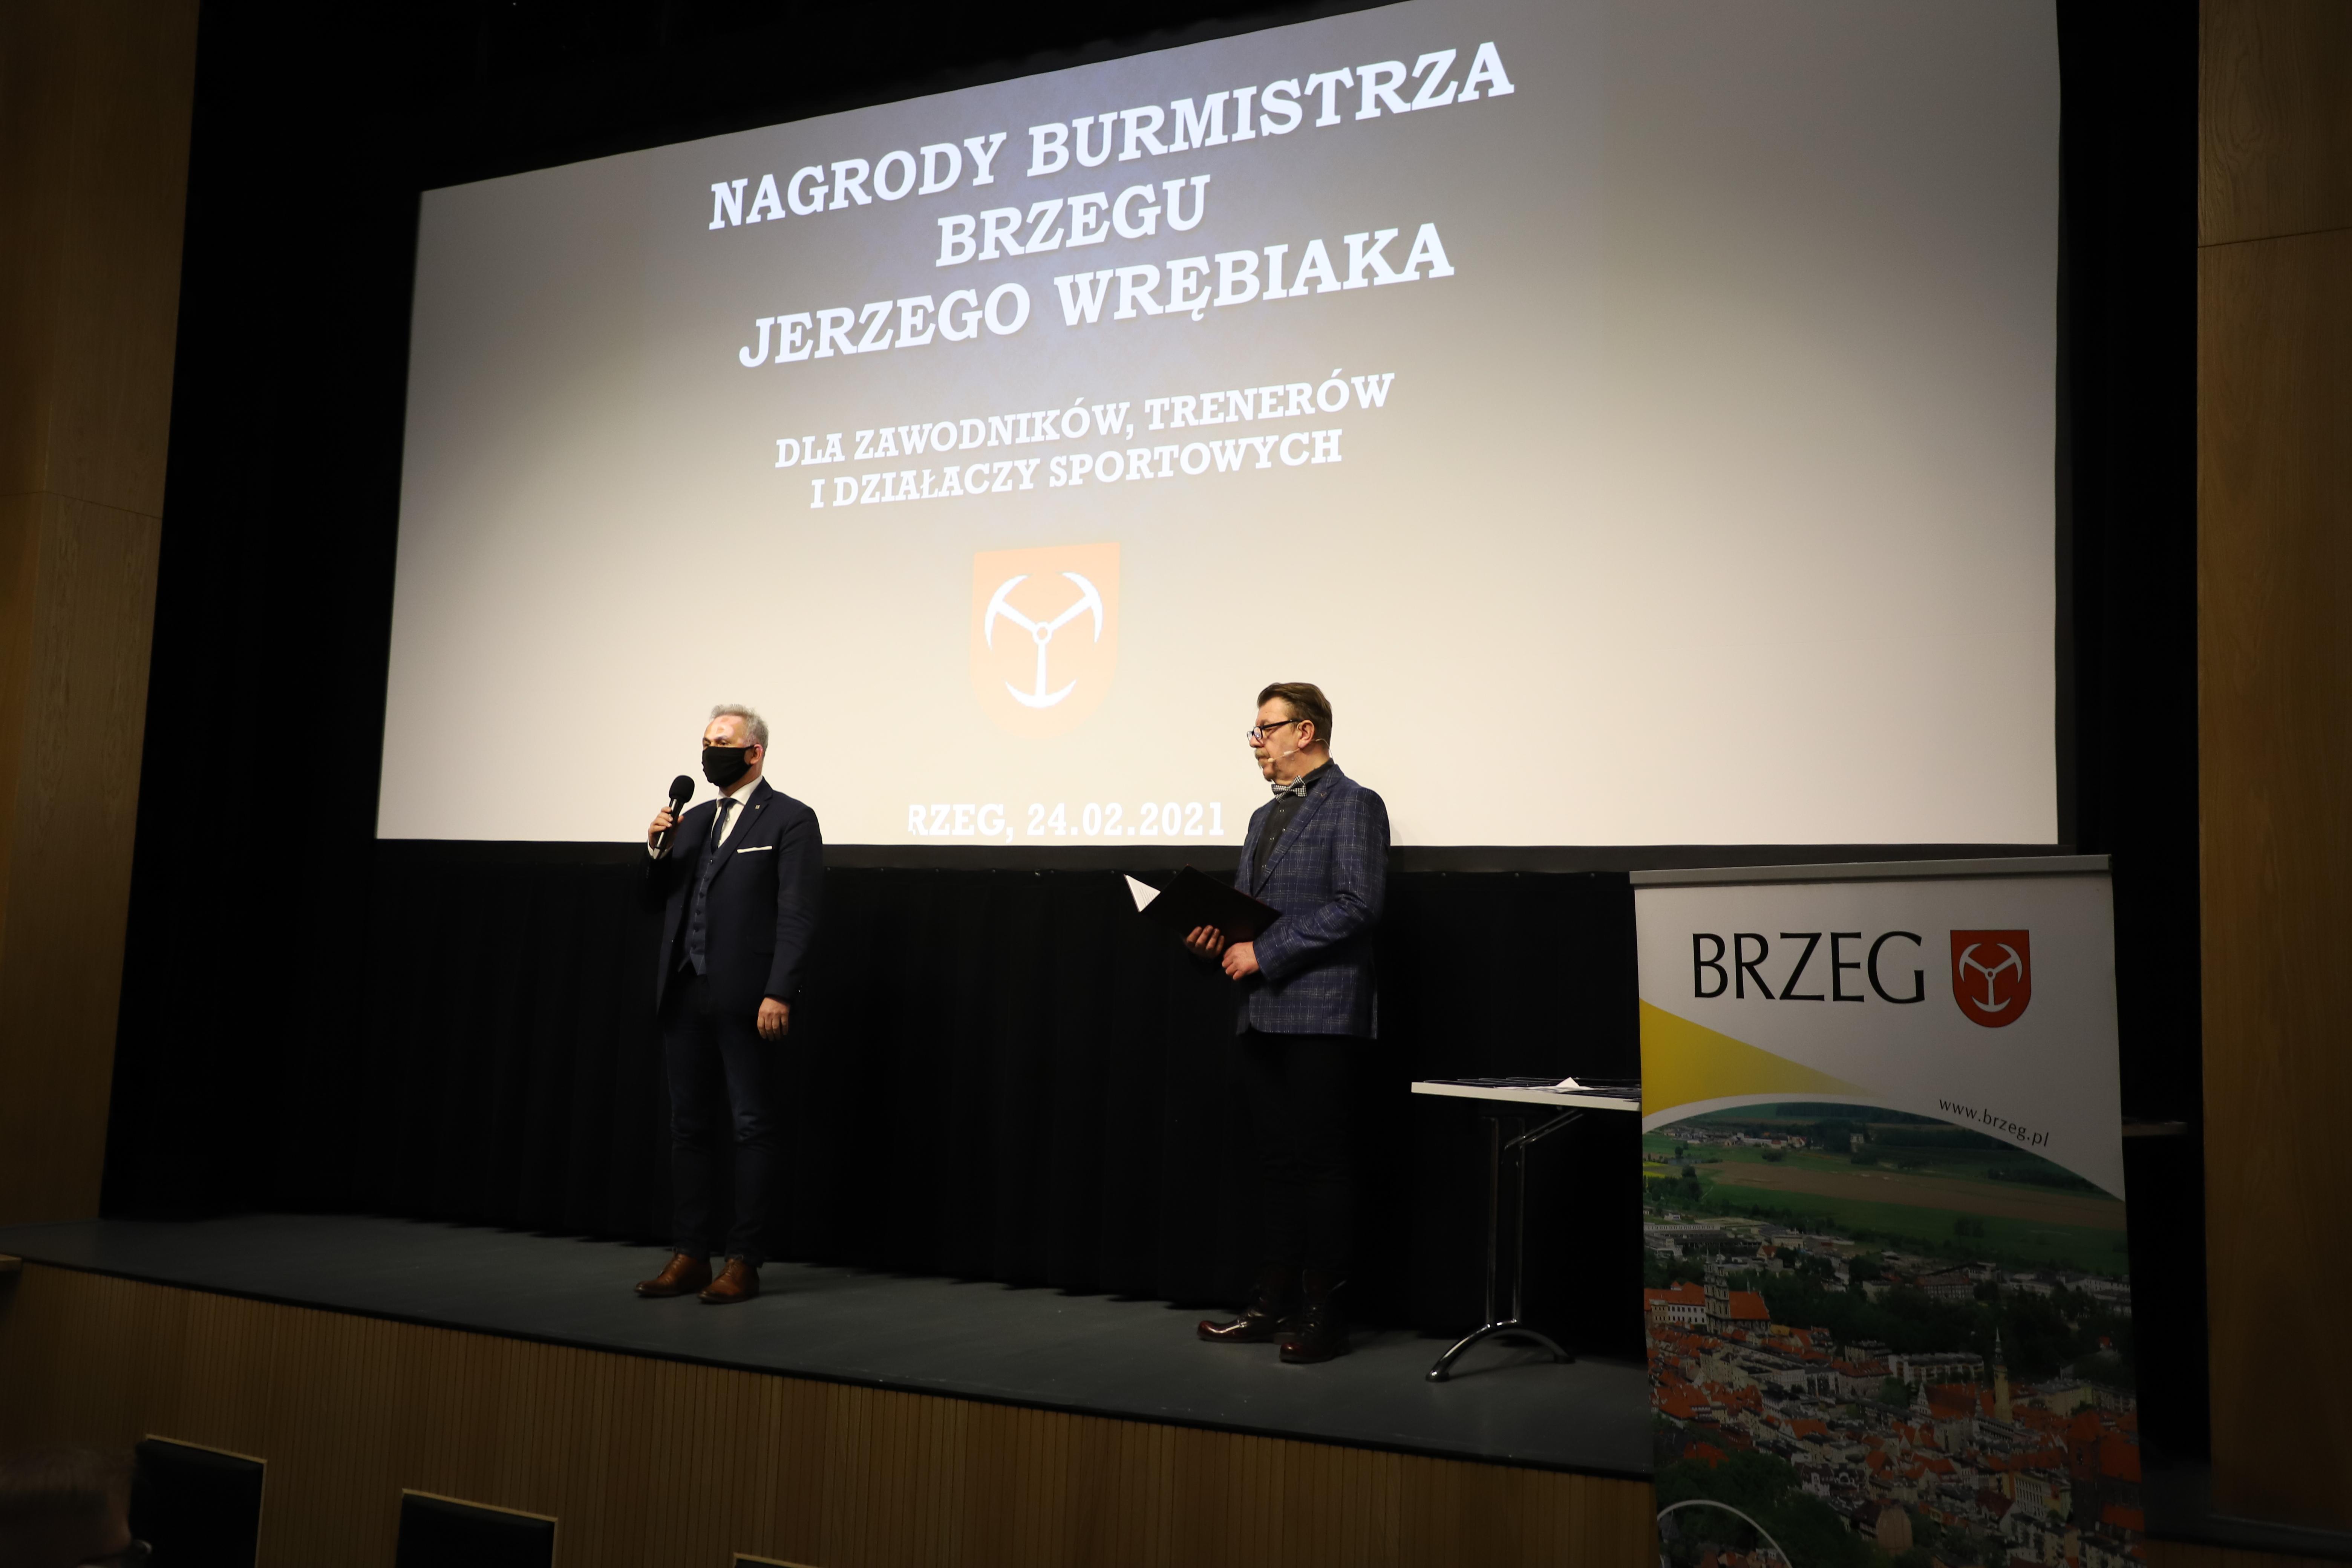 Uroczysta gala wręczenia nagród Burmistrza Brzegu